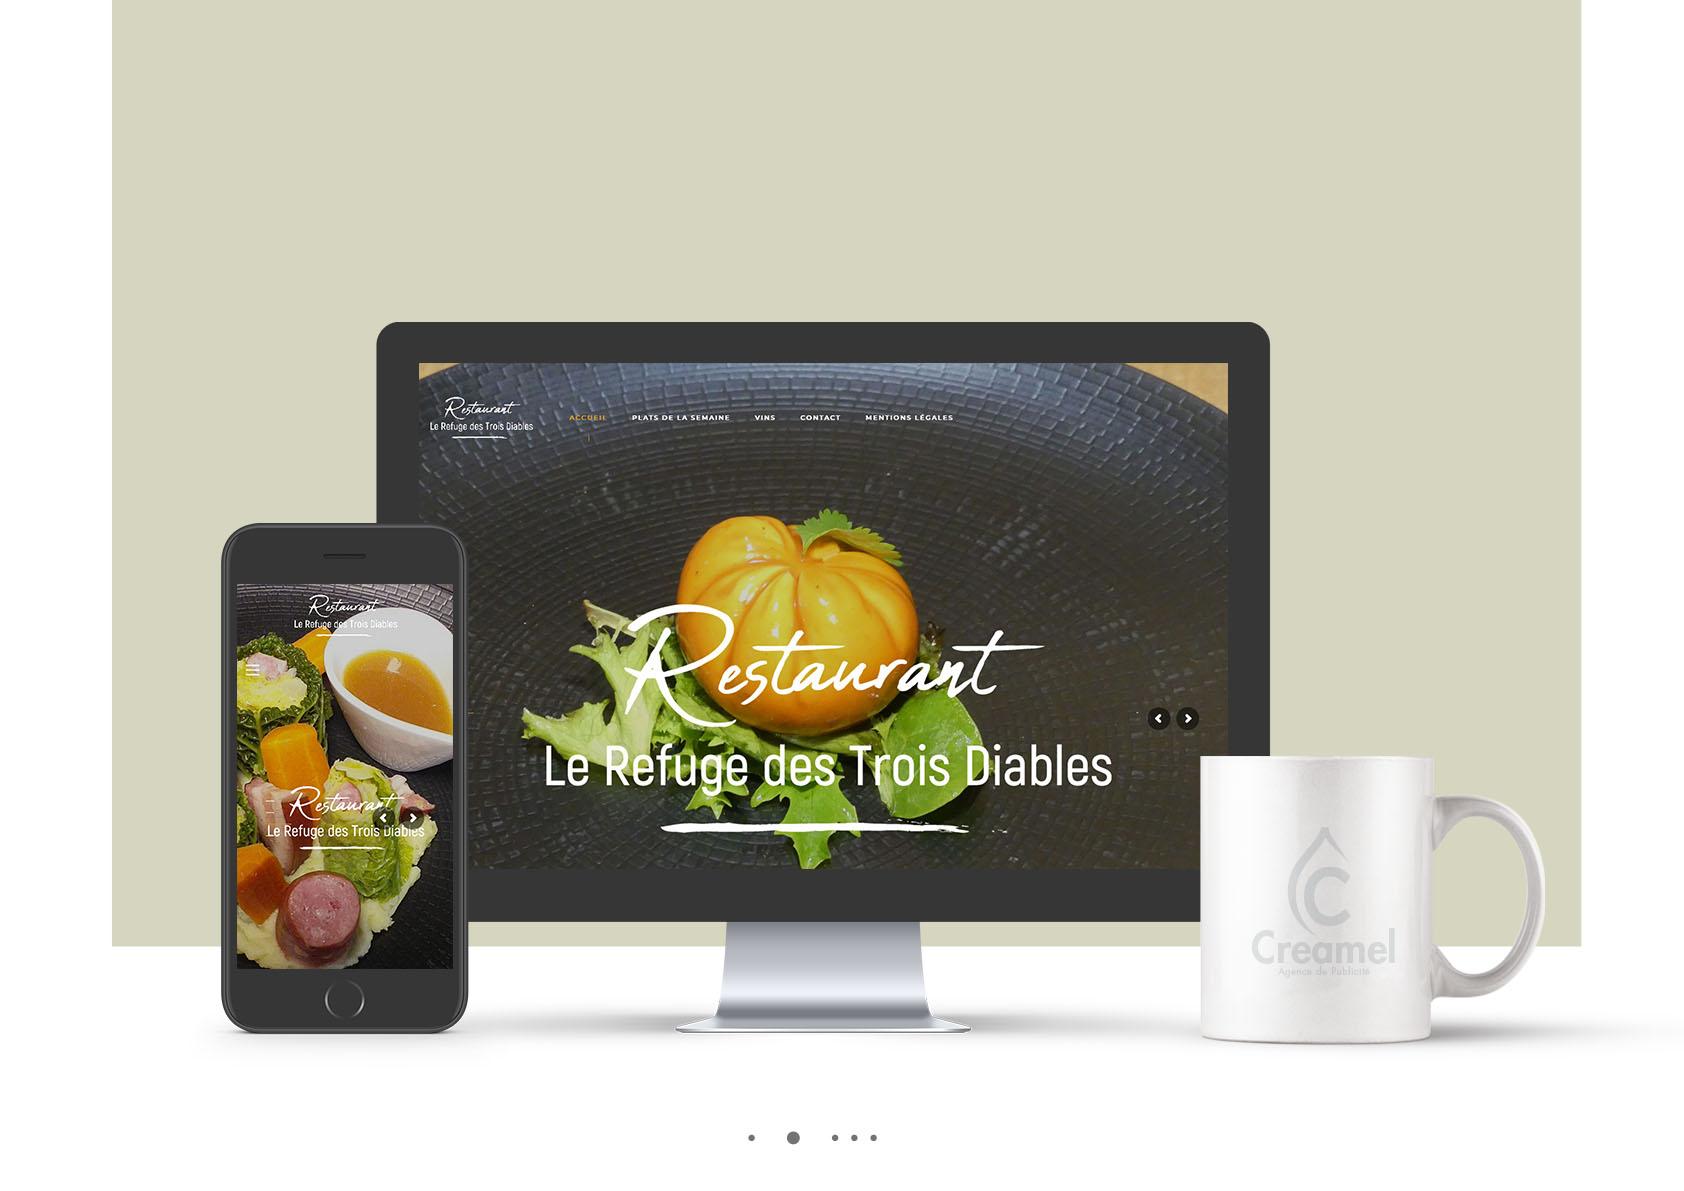 Site click&collect pour le restaurant le refuge